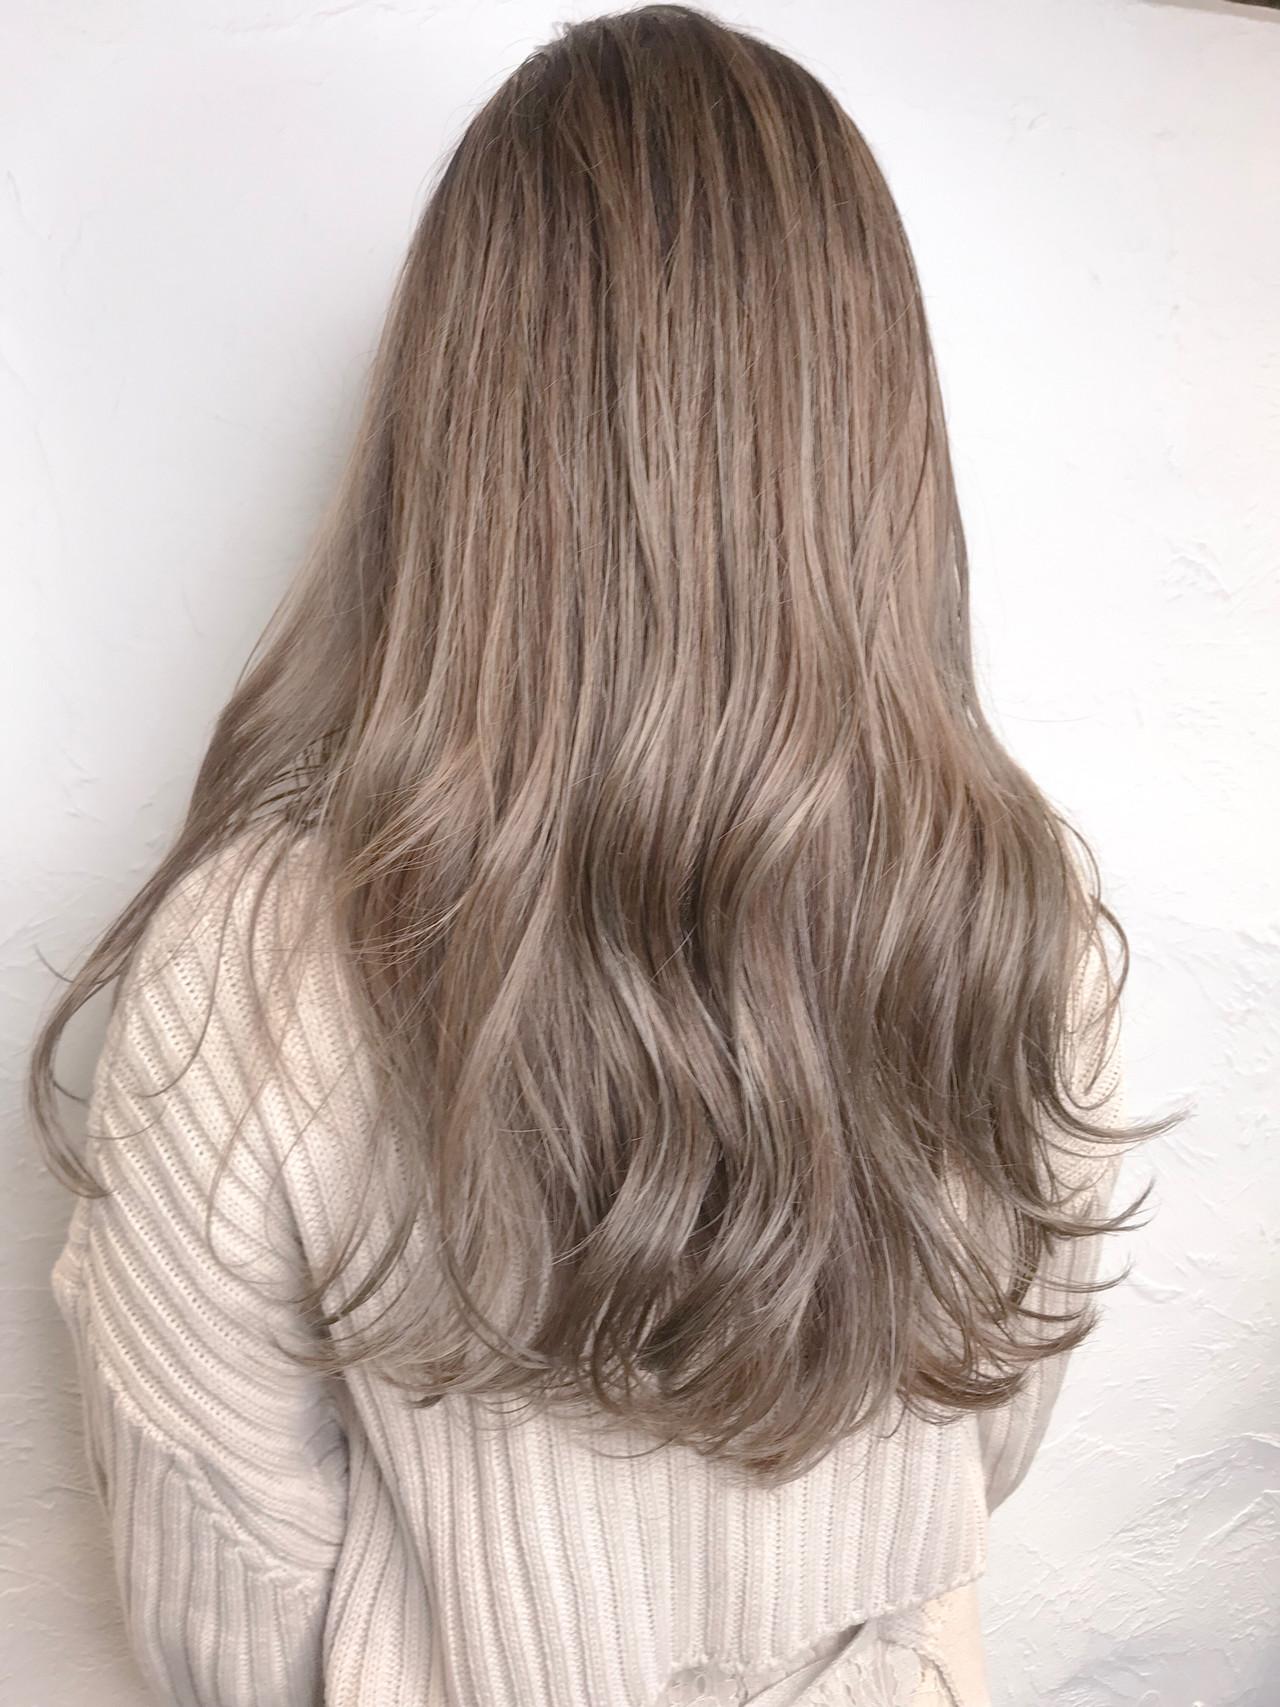 ナチュラル ロング ミルクティーブラウン ミルクティーグレージュヘアスタイルや髪型の写真・画像